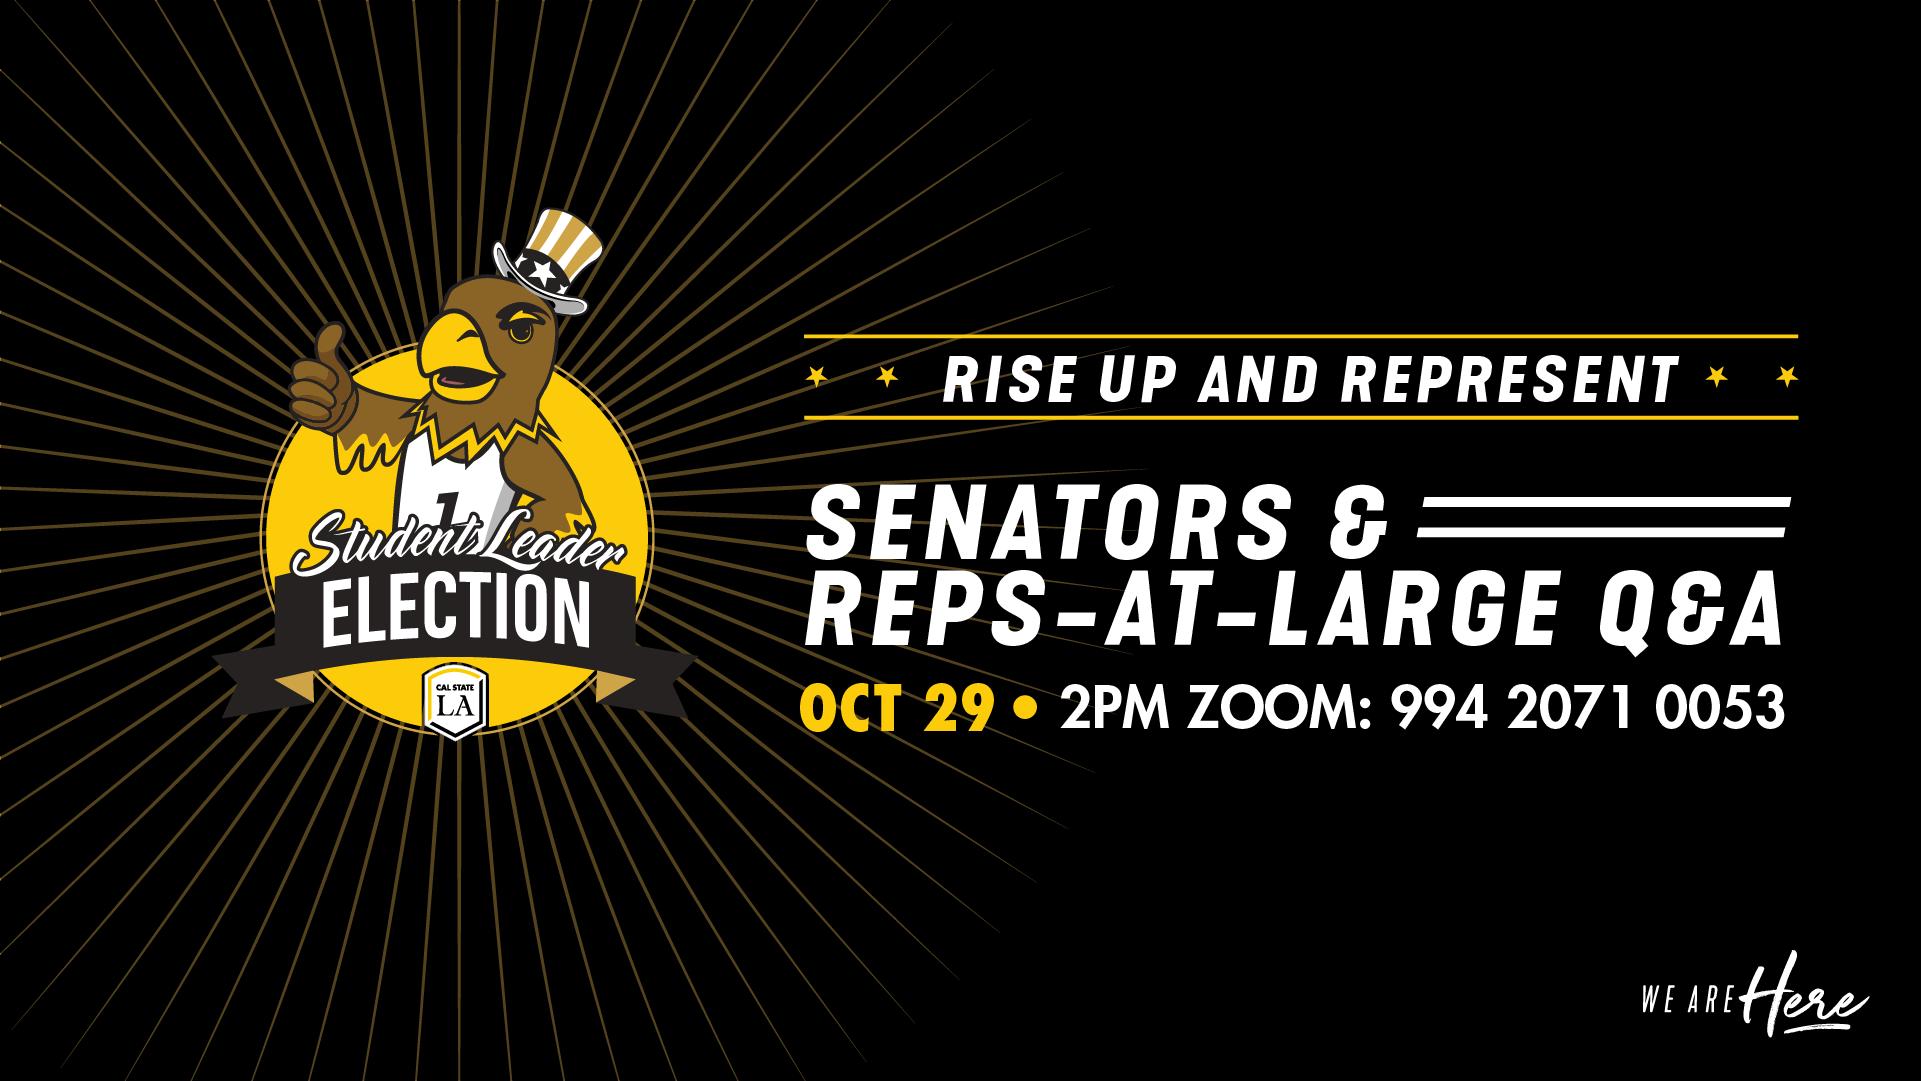 Senators and Reps-at-Large Q&A